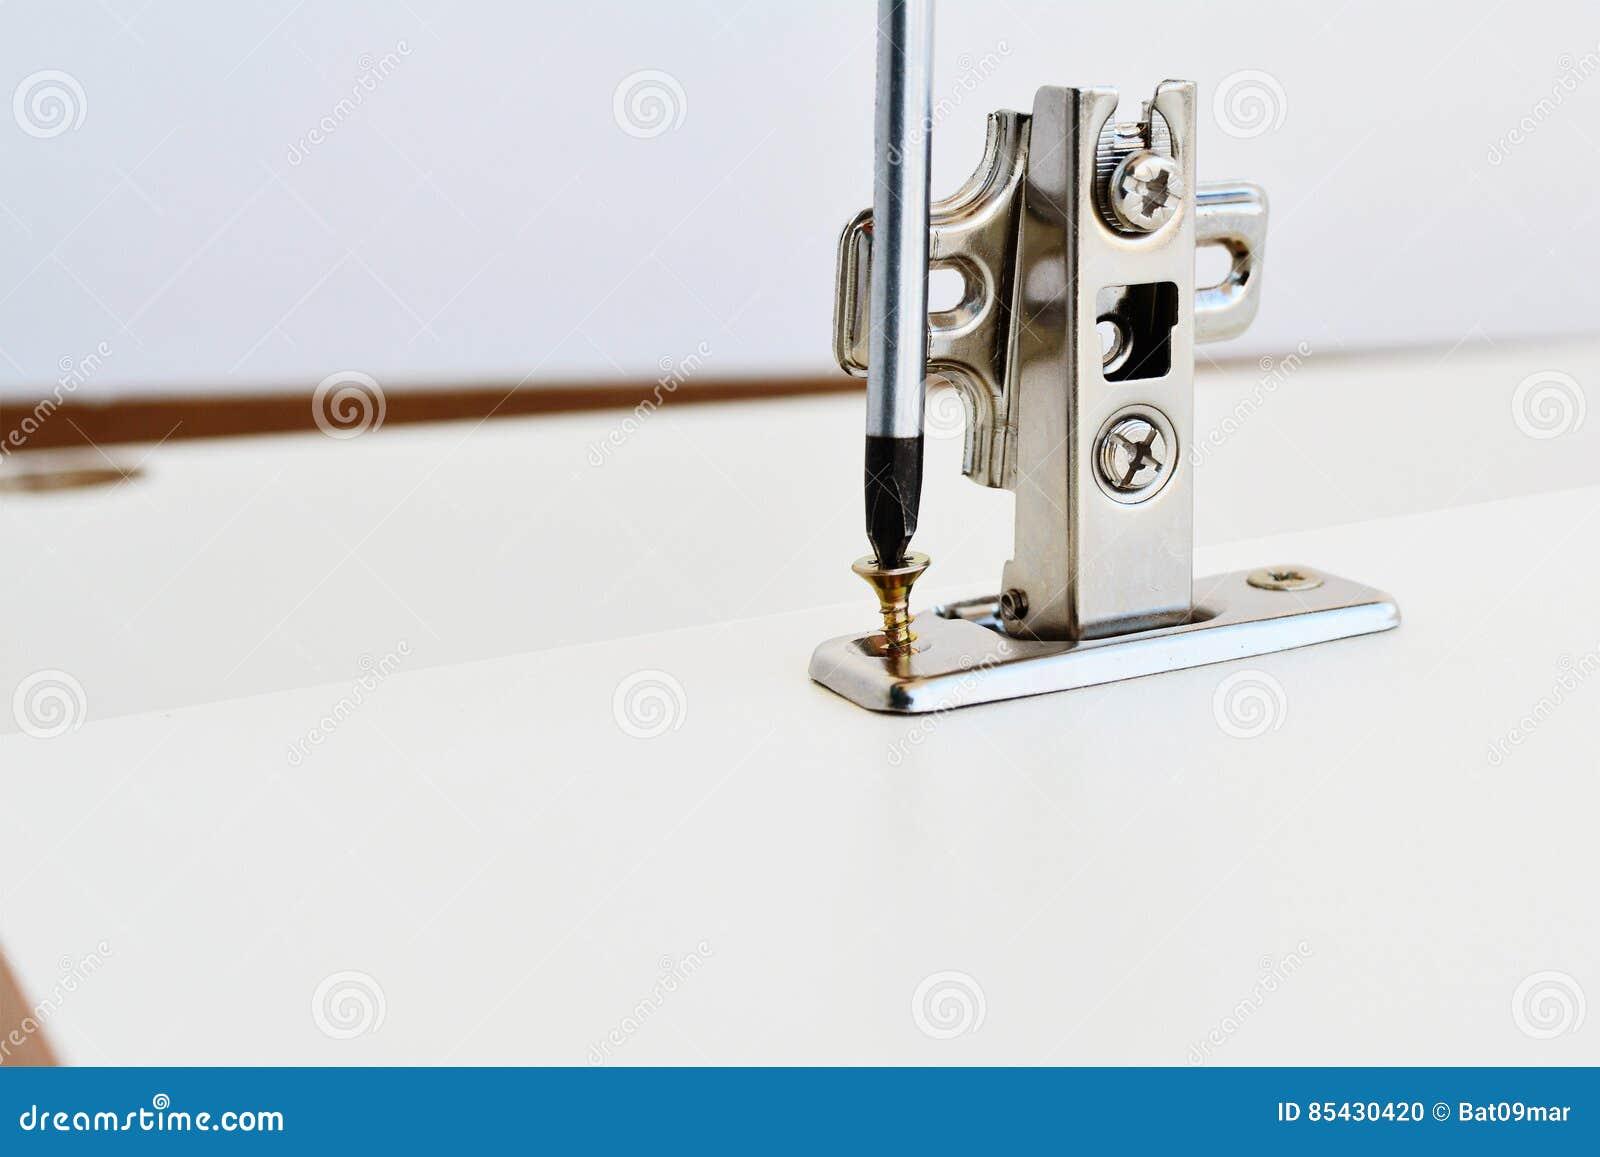 Schwenkachse Kompl. Auf Küchenschranktür Stockfoto - Bild von chrom ...